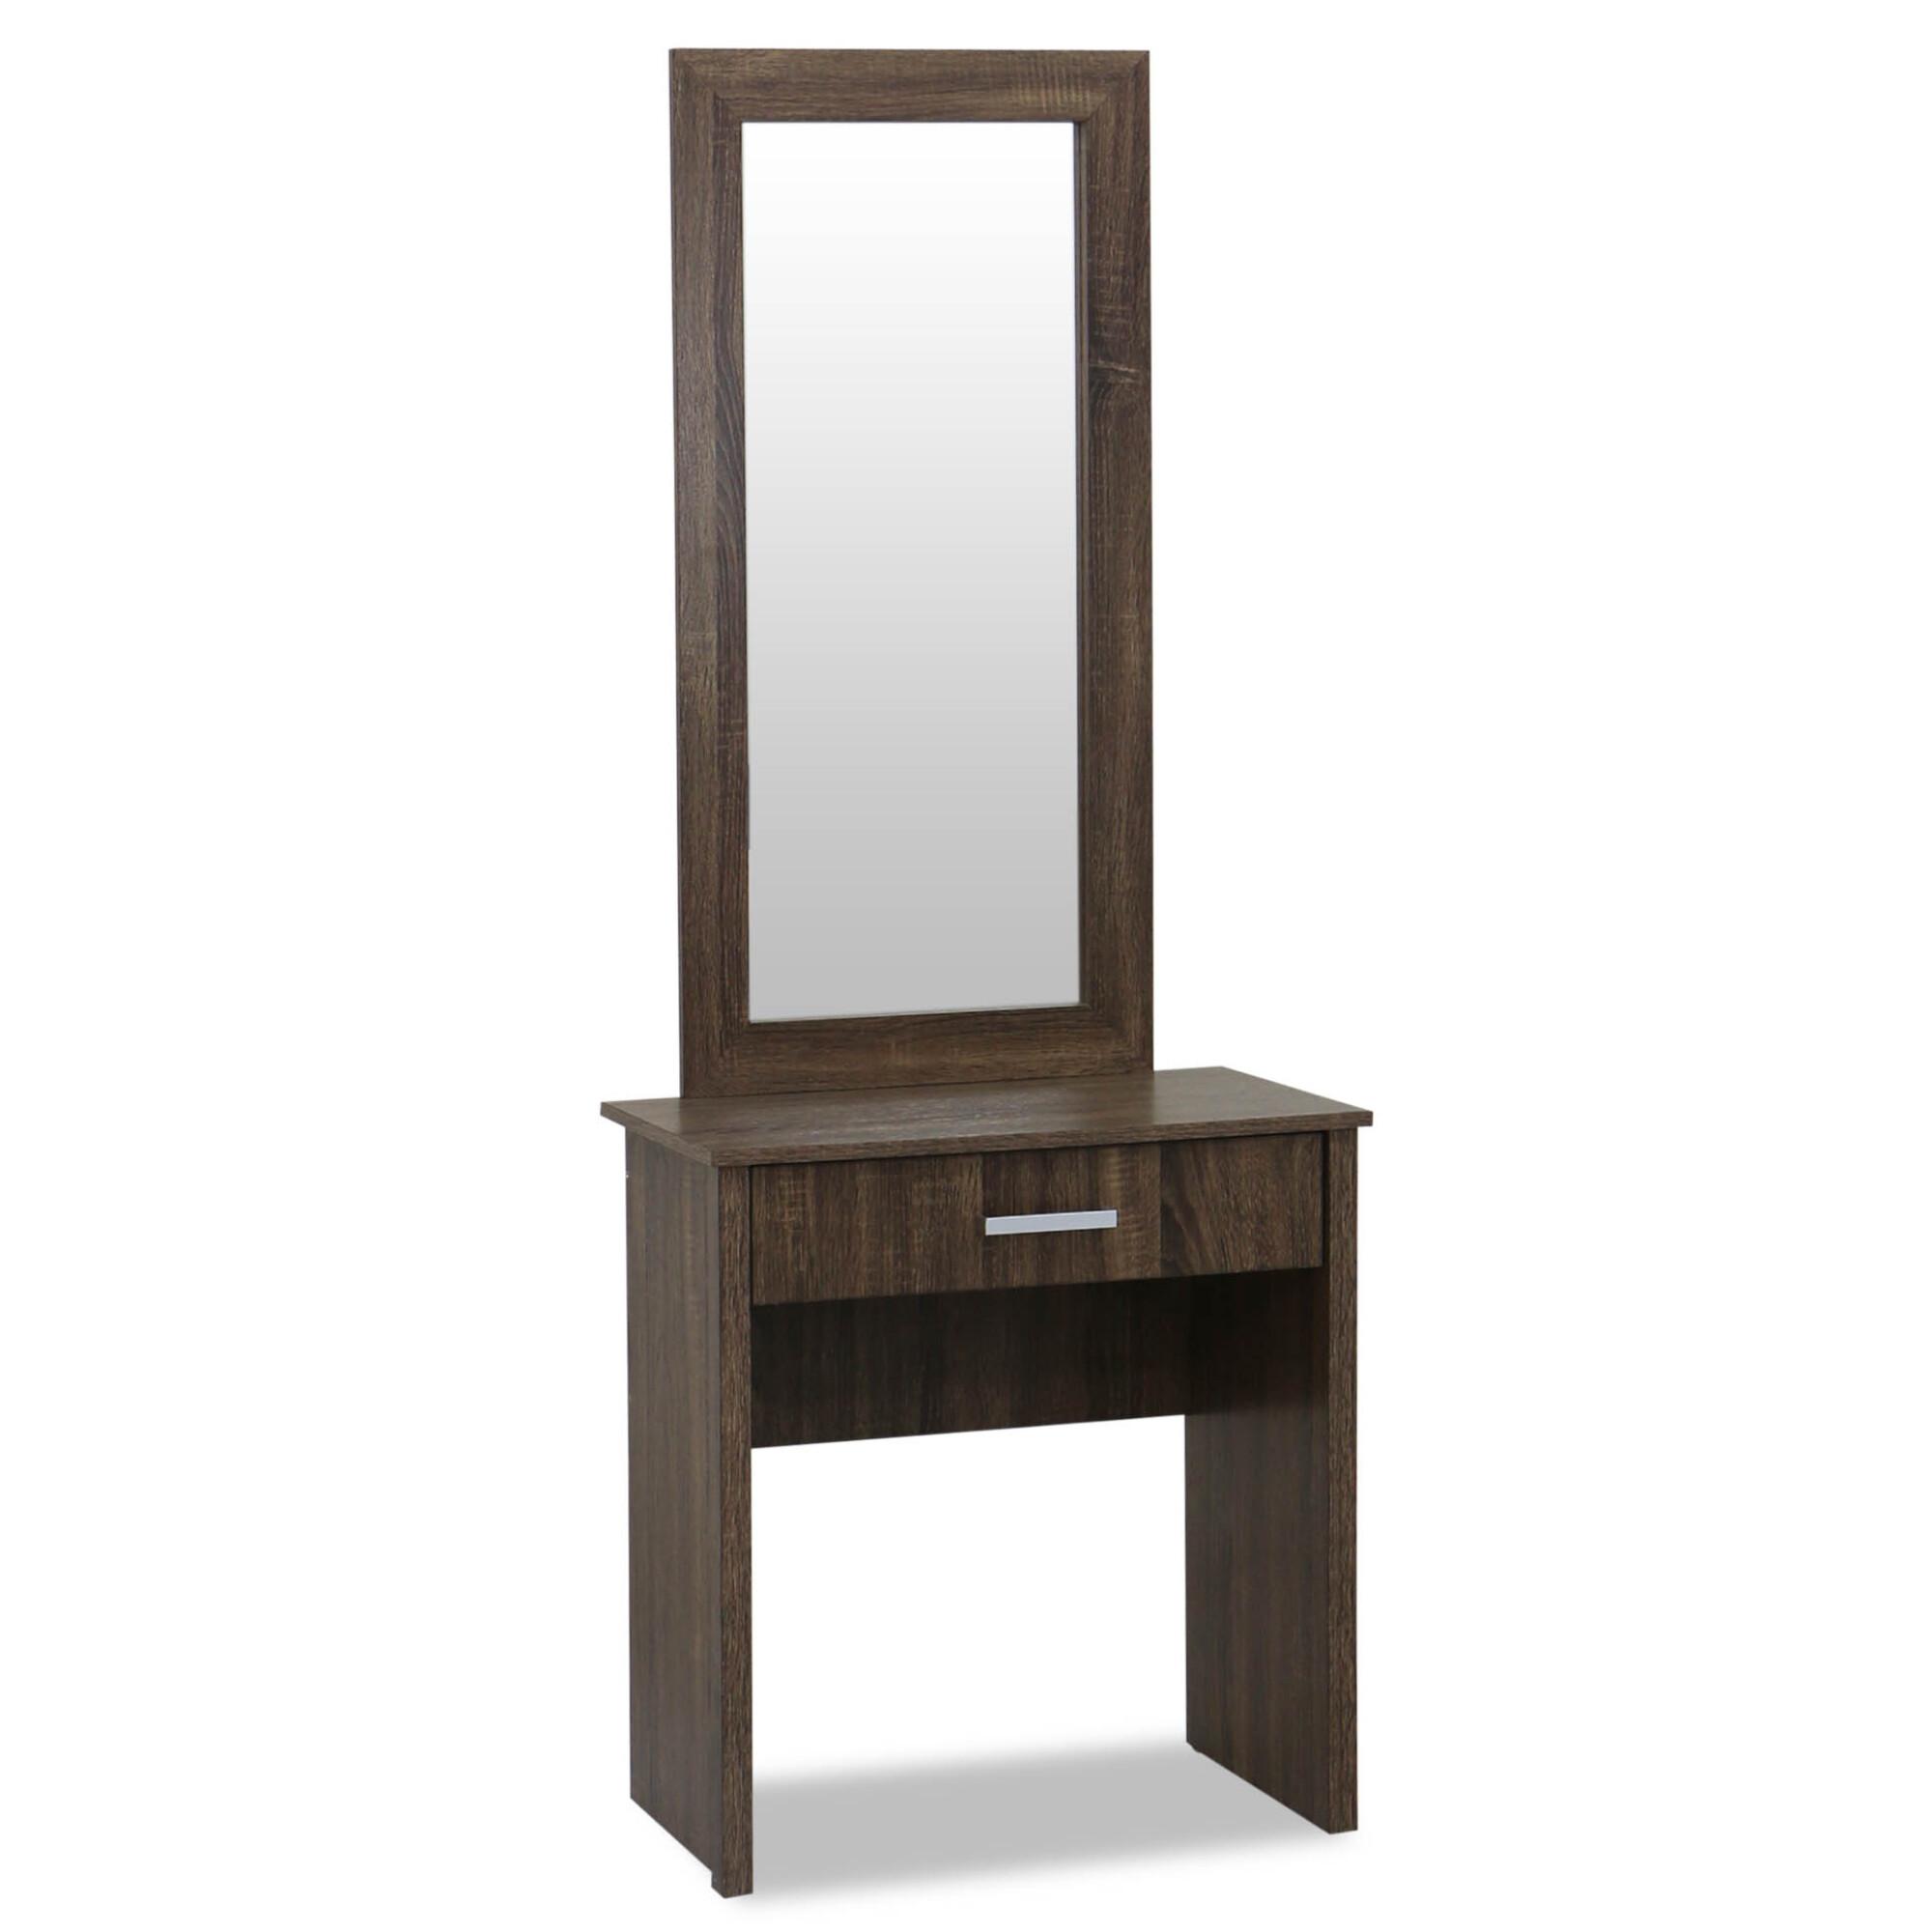 Kolab dressing table furniture home d cor fortytwo for Home furniture dressing table